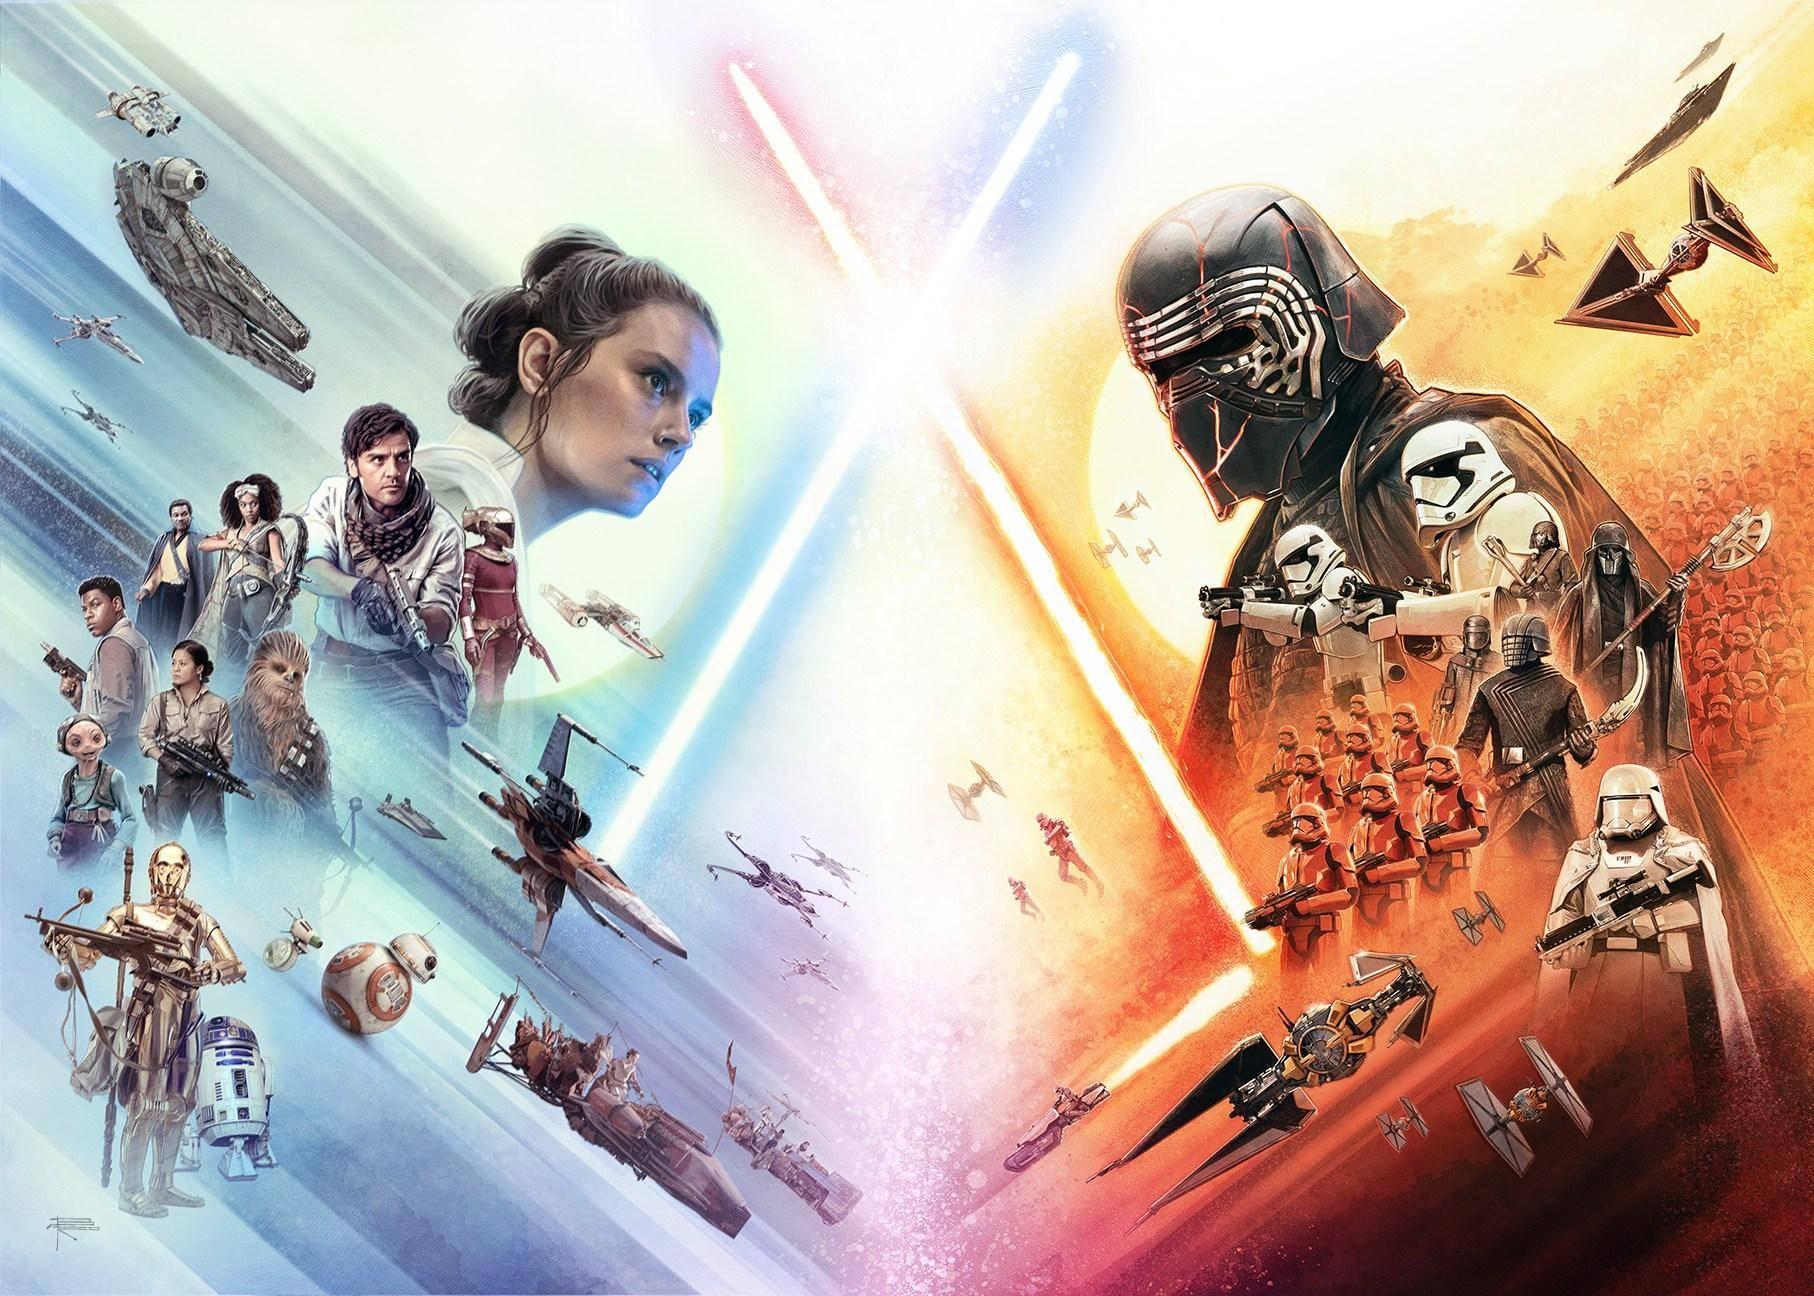 La trilogía de Star Wars de Rian Johnson aún está en planes 4